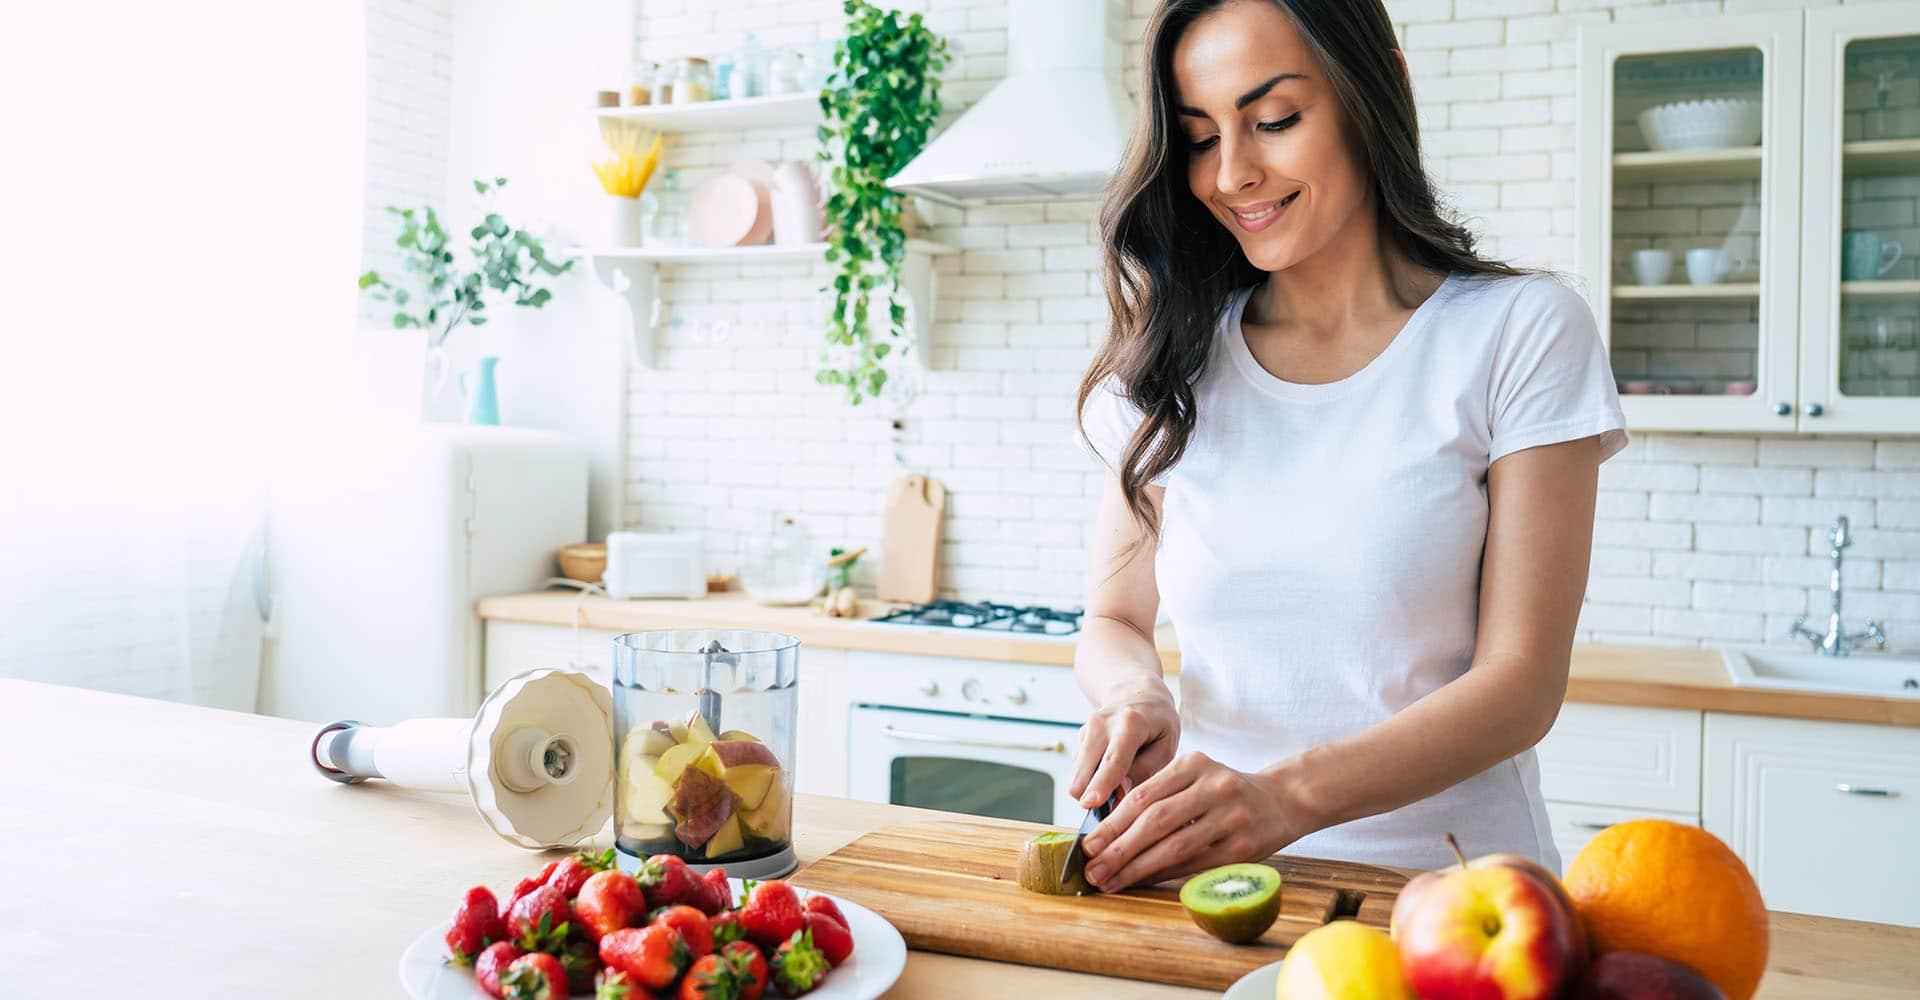 Frau bereitet Obst zur Stärkung ihres Immunsystems zu